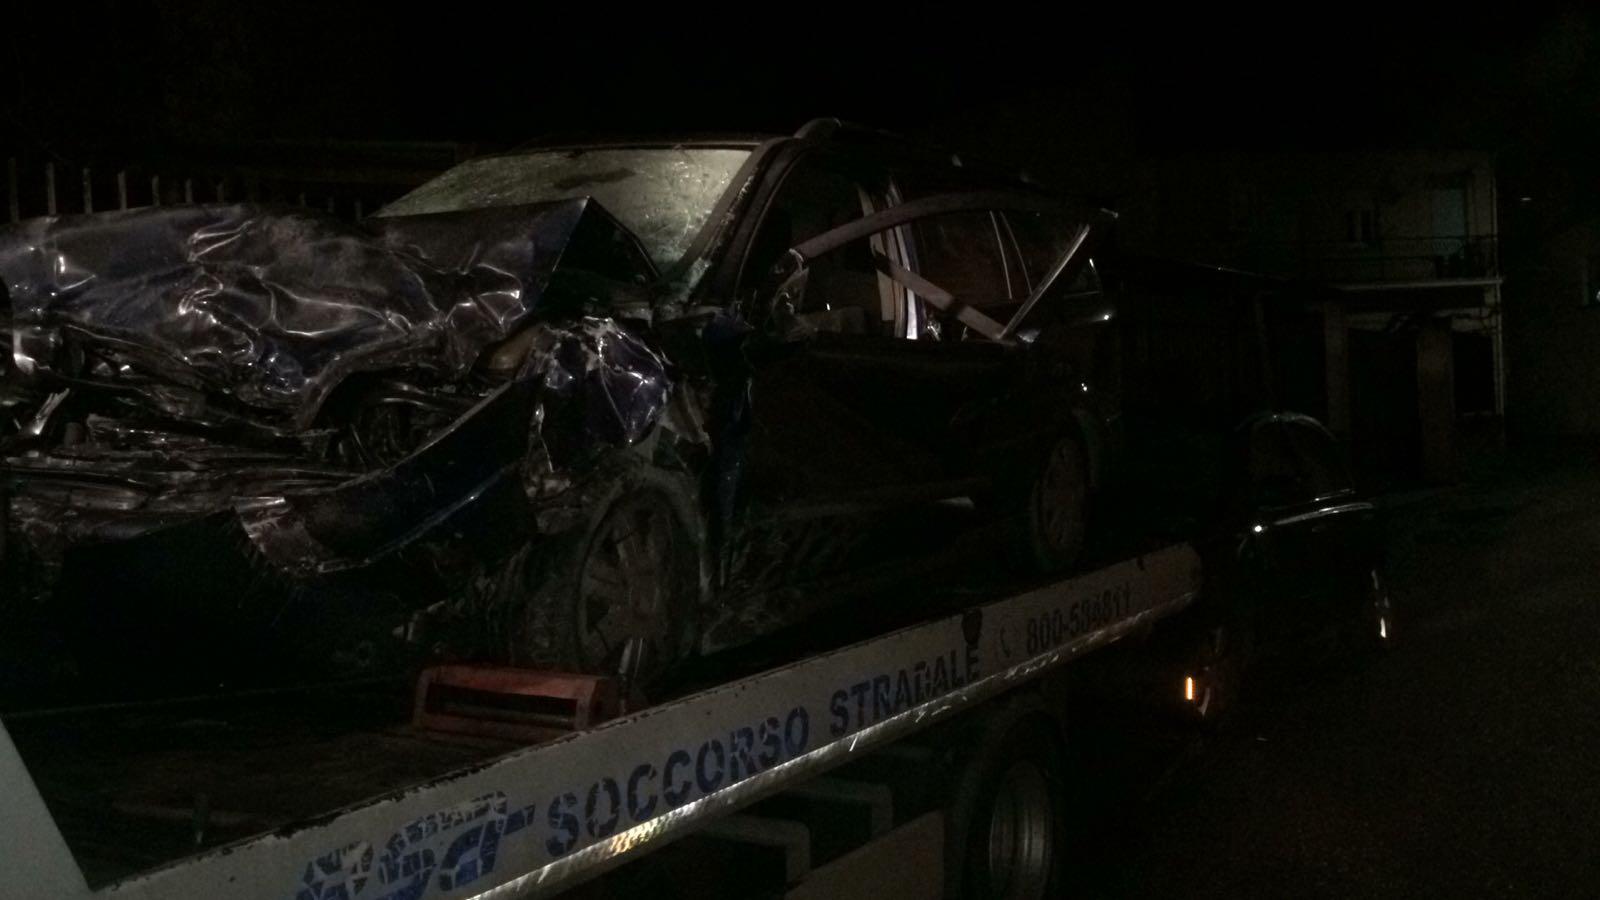 Scontro frontale nel Cosentino, morto un uomo Quattro persone sono ferite, grave una ragazza